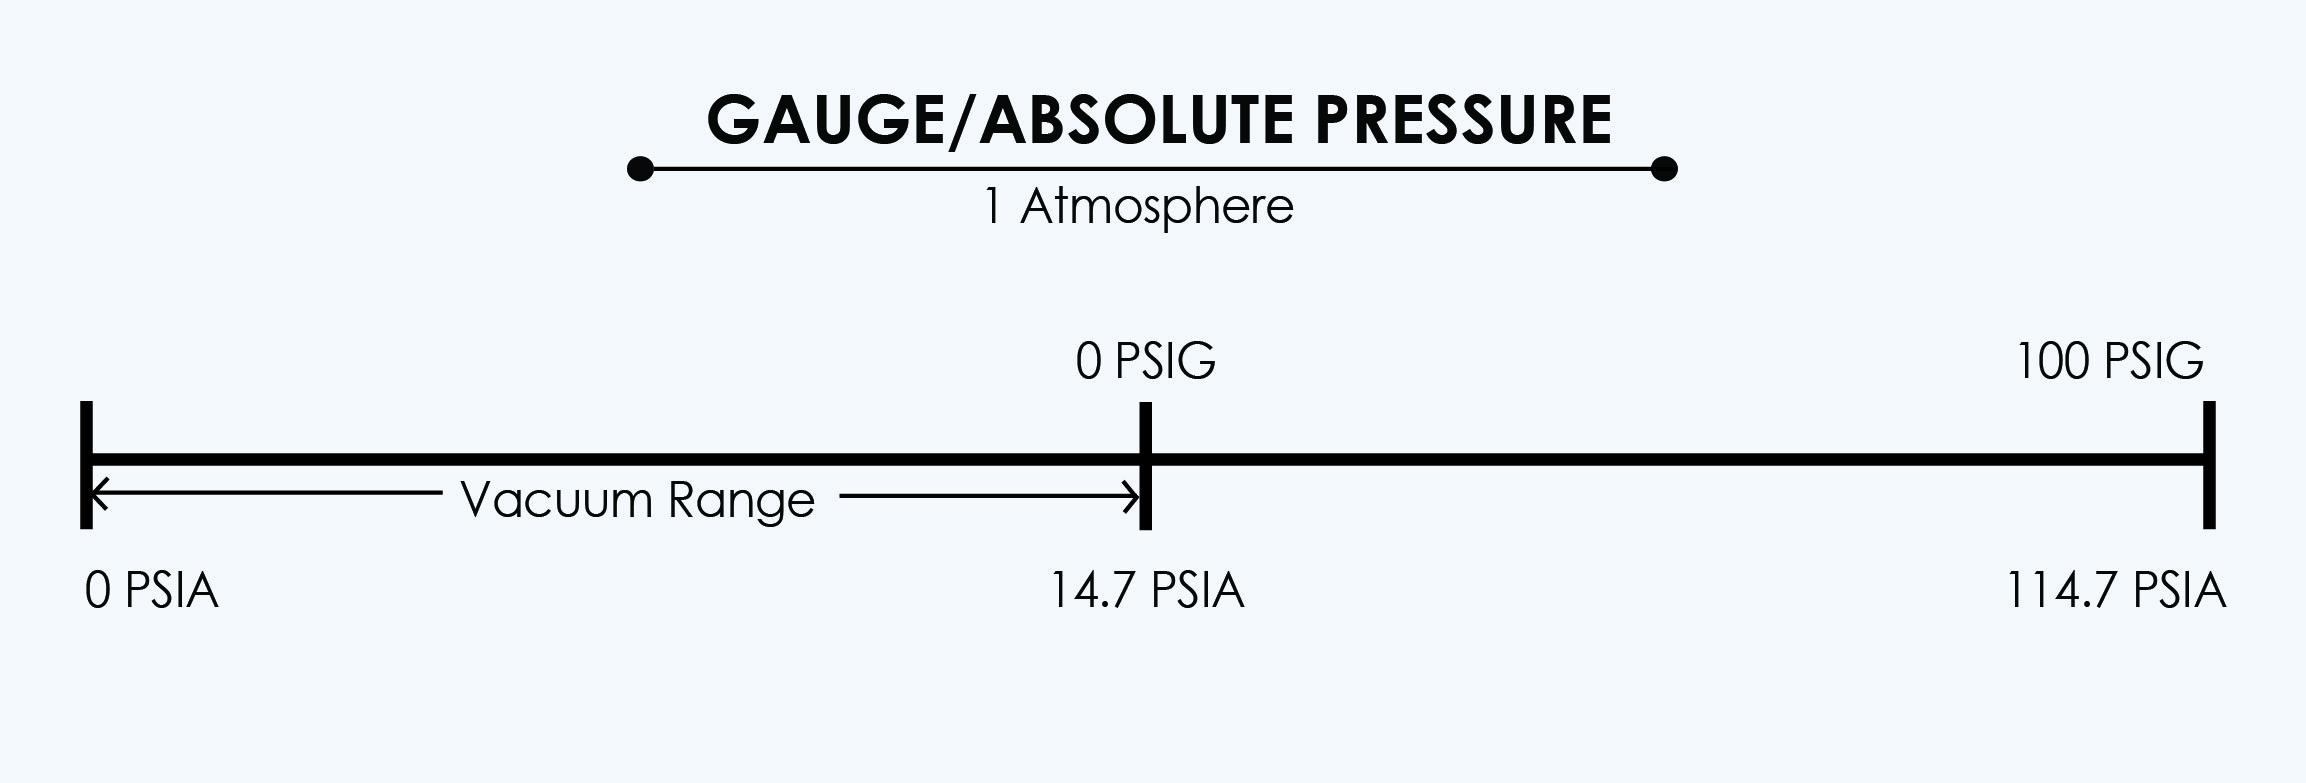 gauge_vs_absolute-01-1.jpg